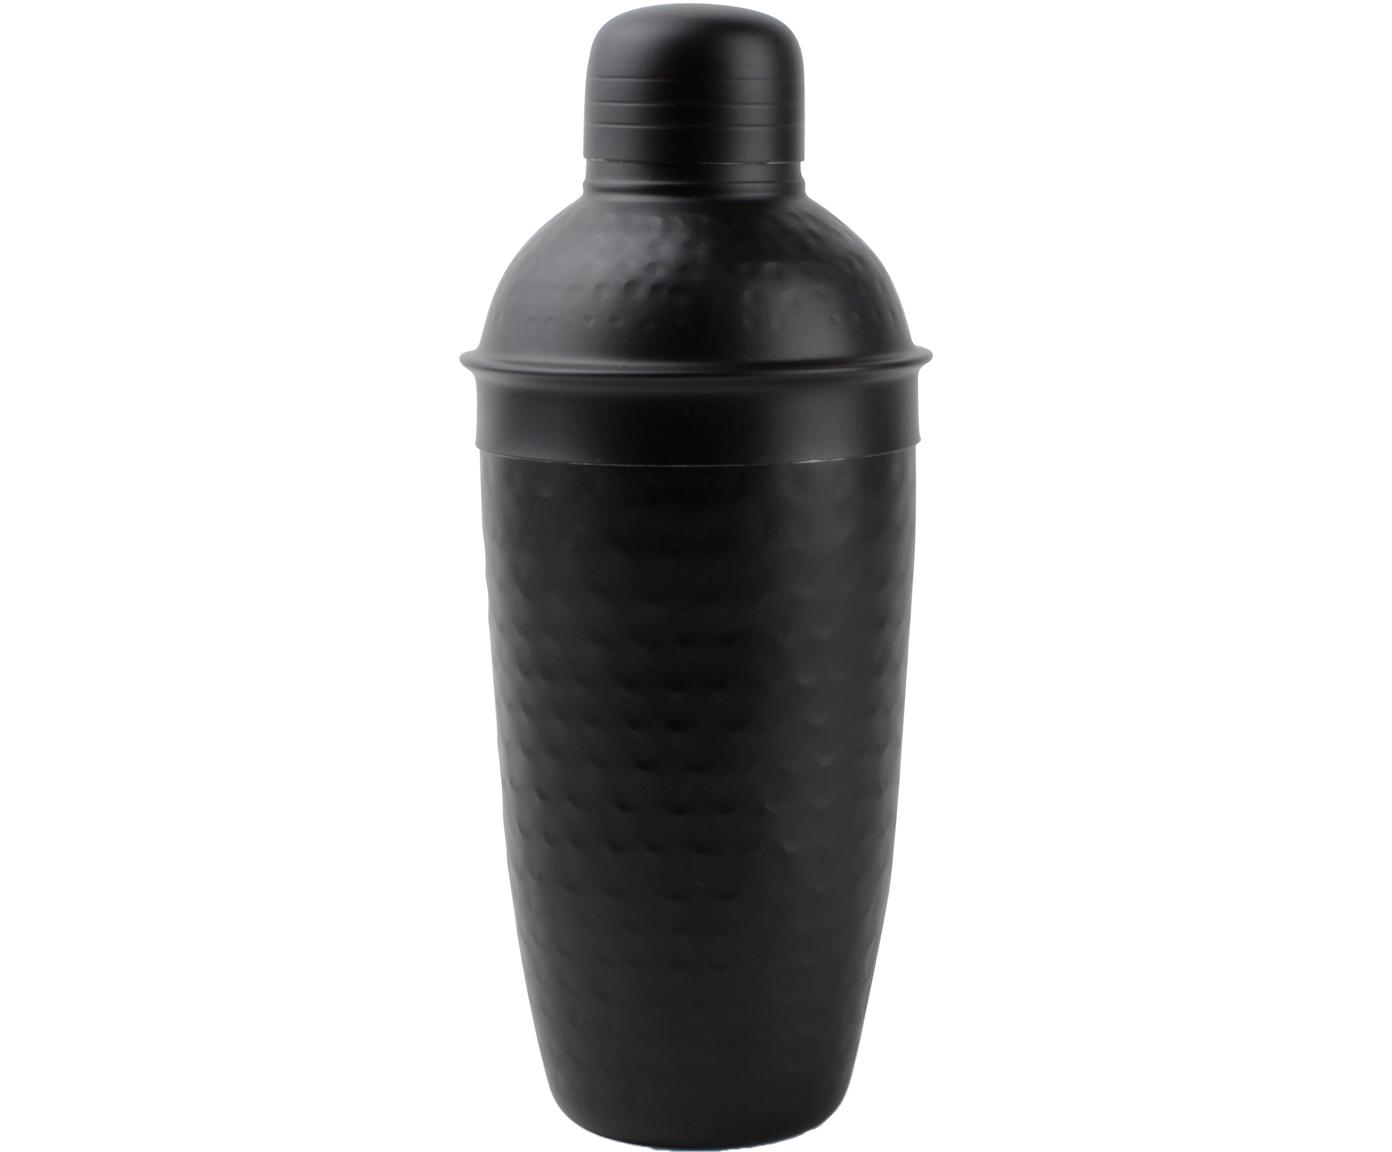 Cocktail Shaker Onur, Edelstahl, beschichtet und gehämmert, Schwarz, Ø 9 x H 22 cm